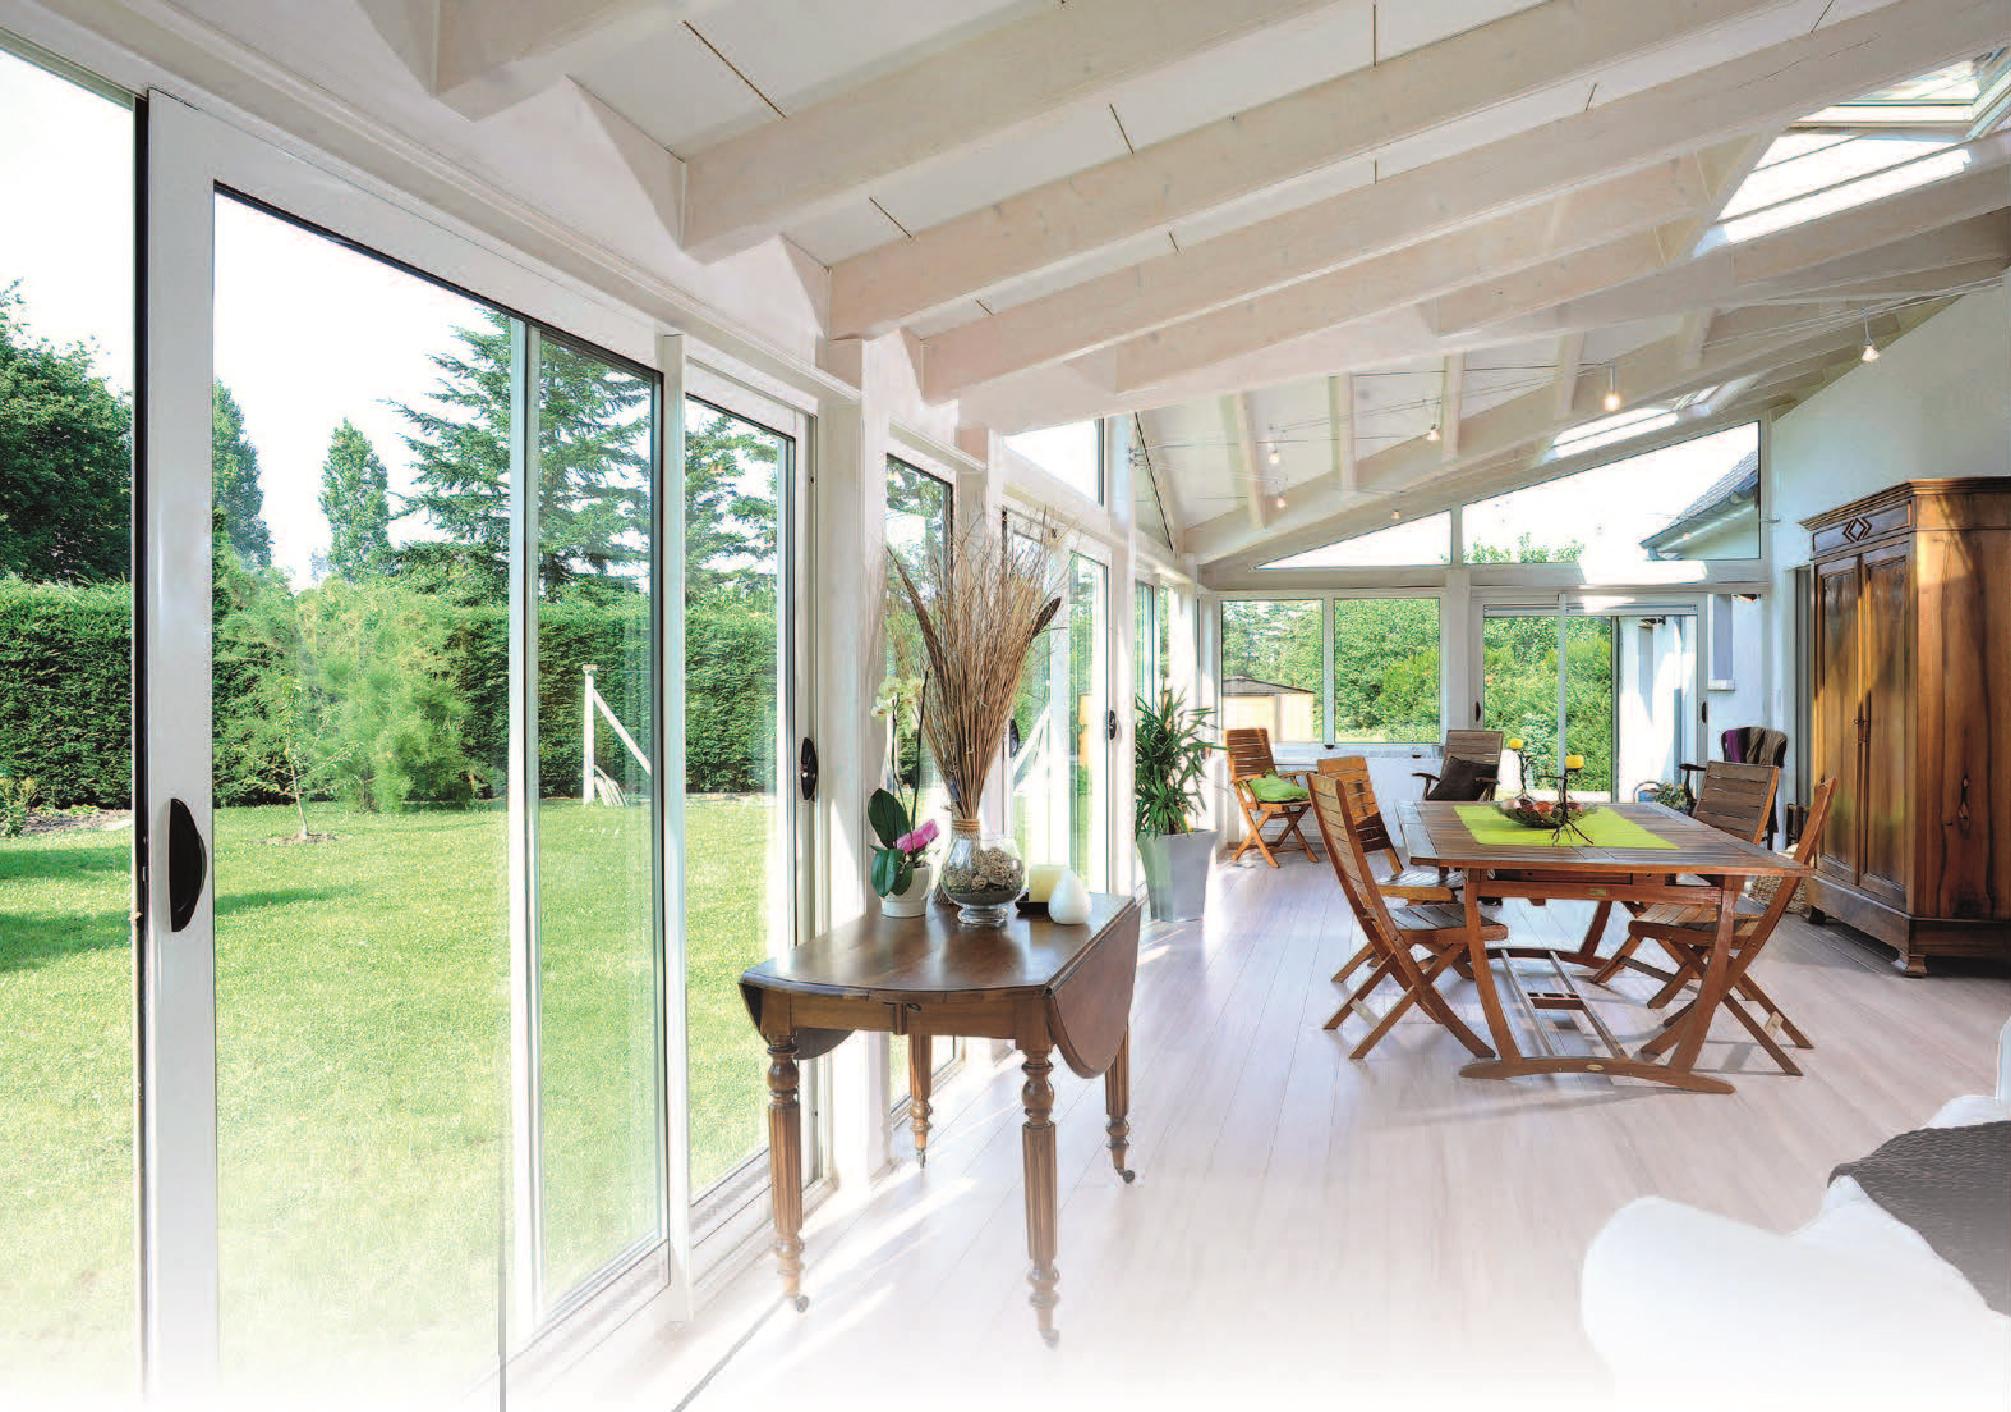 Veranda Terrasse Appartement : V u00e9randa pour terrasse d u0026#39;appartement